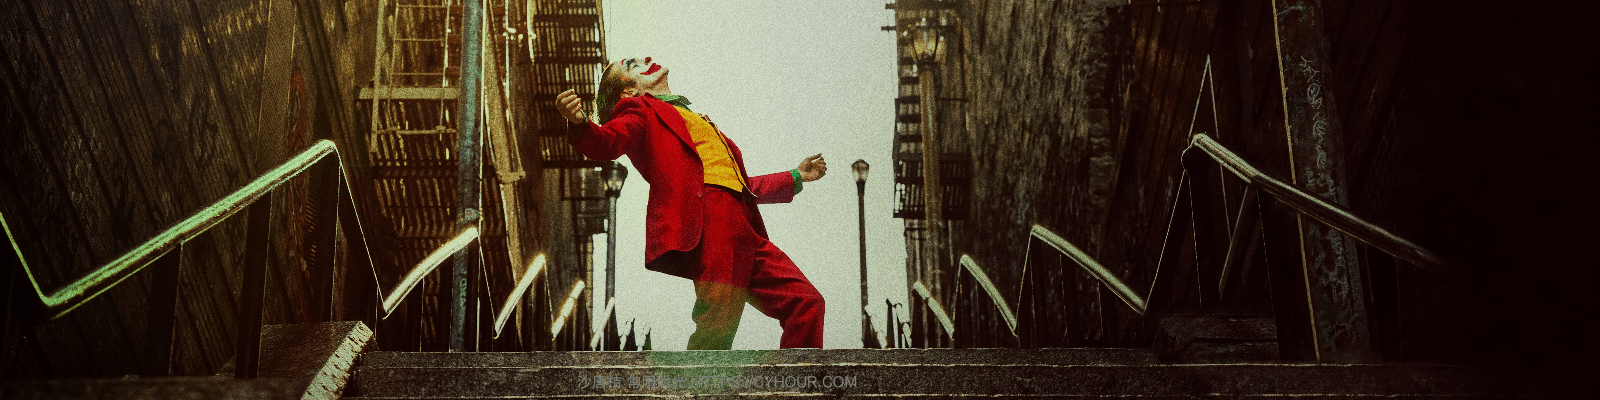 小丑 Joker 2160p 1080p 英语中字 bt种子-沙唐桔